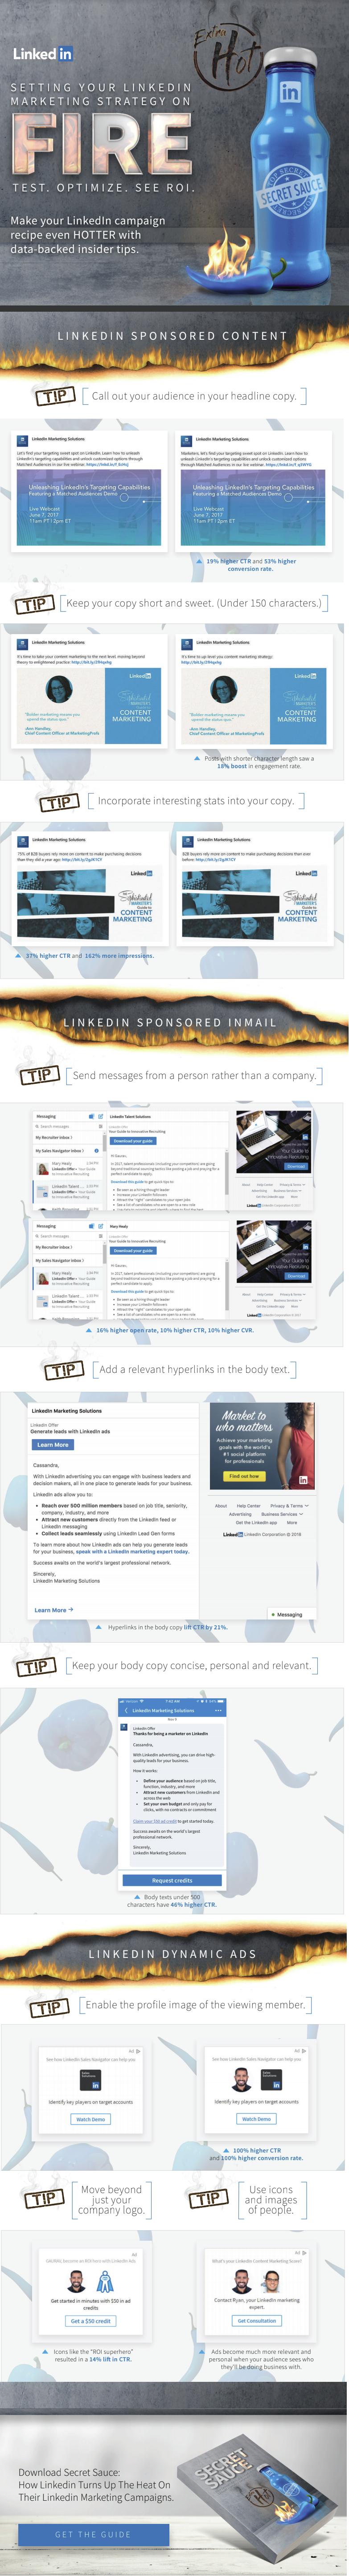 LinkedIn publica una nueva guía para optimizar sus campañas publicitarias de LinkedIn [Infographic] | Social Media Today